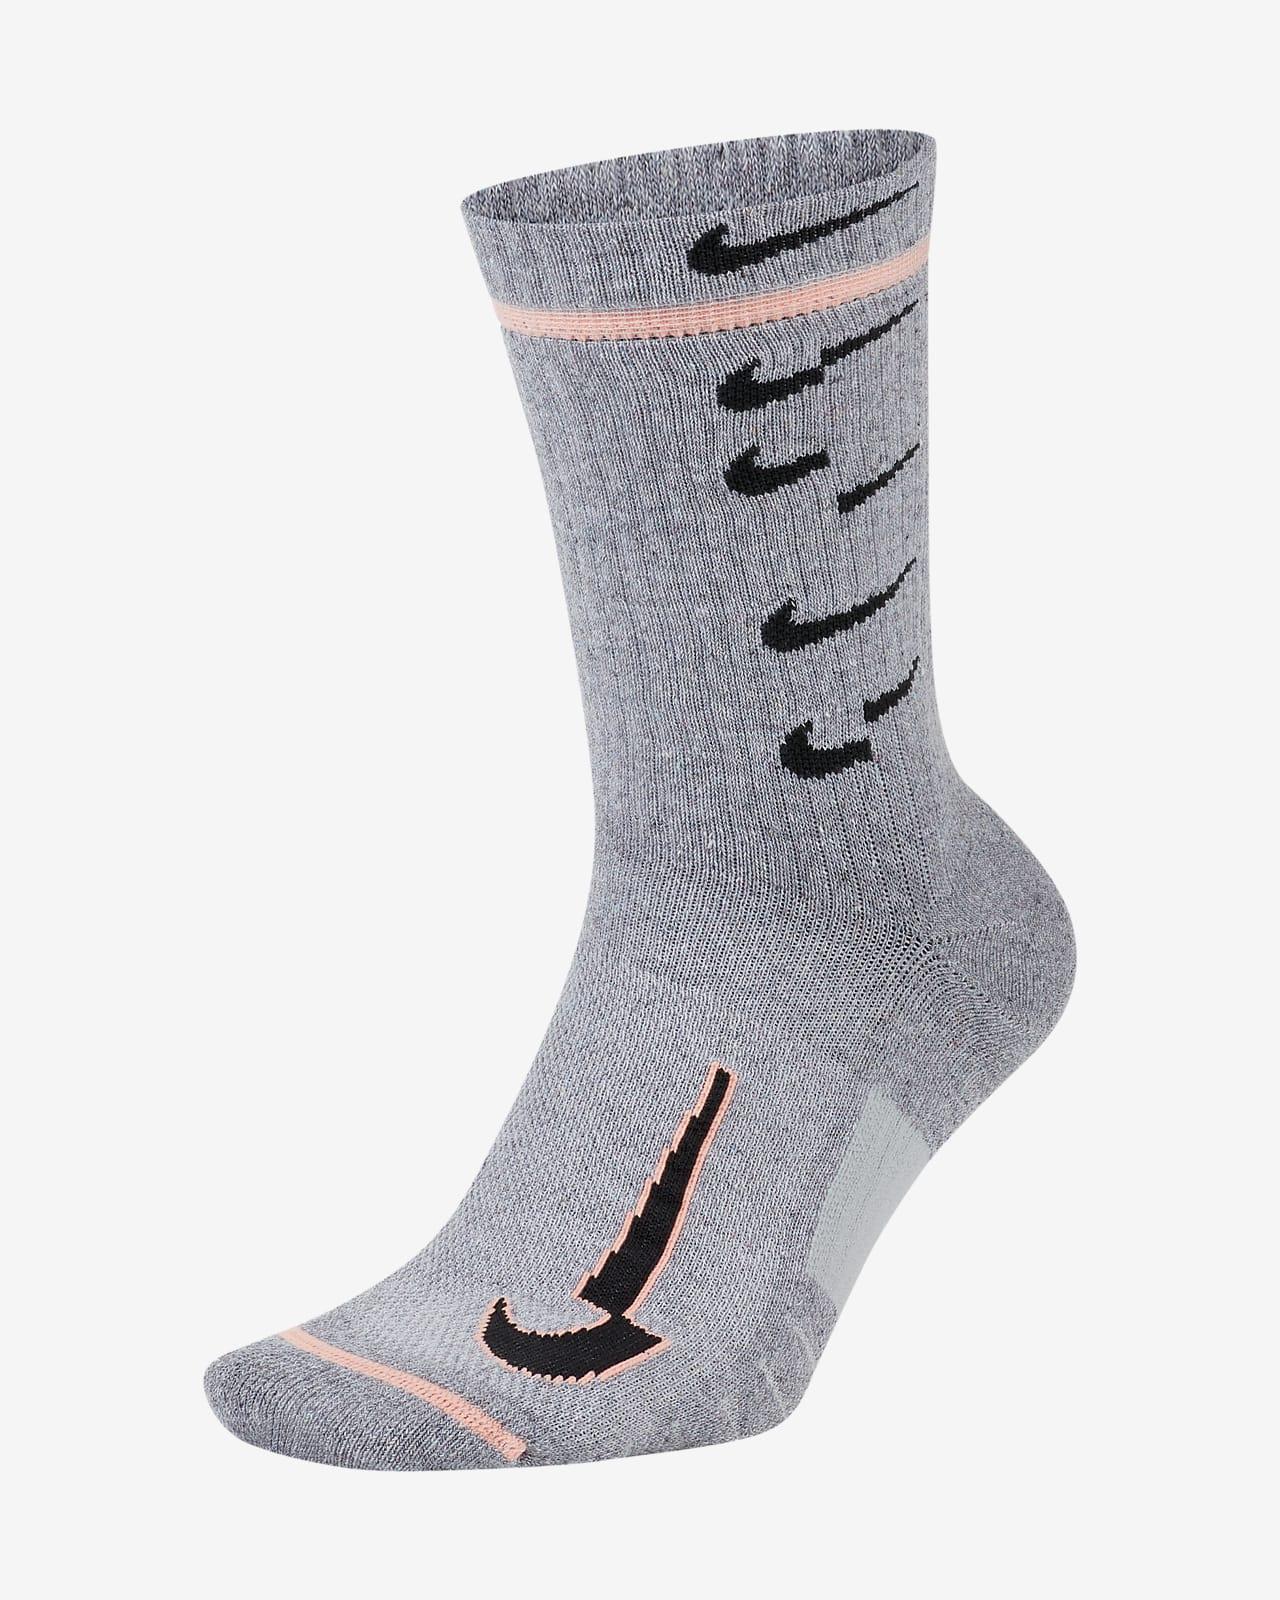 Nike Multiplier Crew Socks